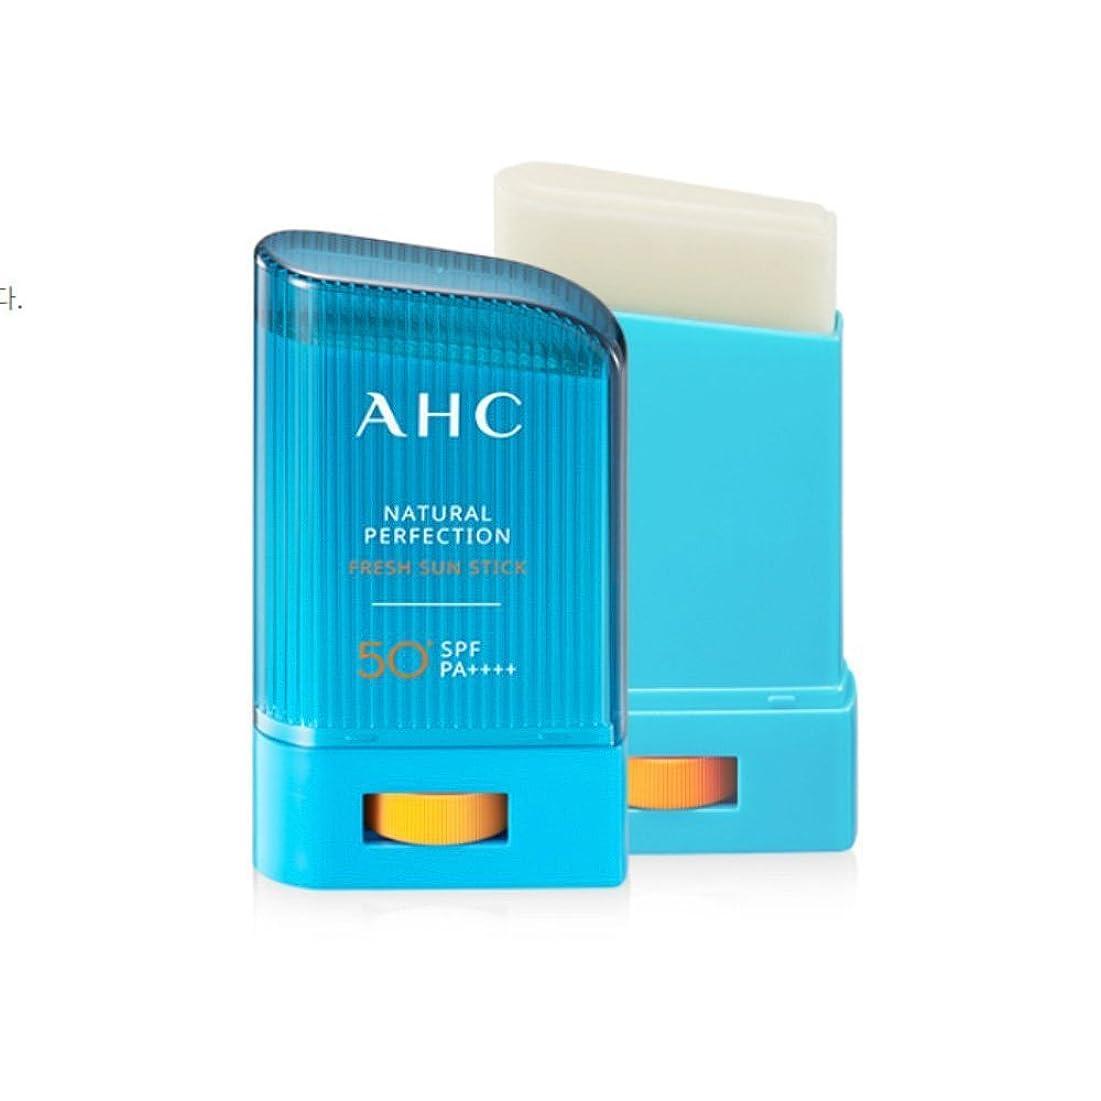 曇った成り立つ不透明な2018年(Renewal) AHC ナチュラル サン スティック 22g/AHC Natural perfection fresh sun stick (22g) [並行輸入品]